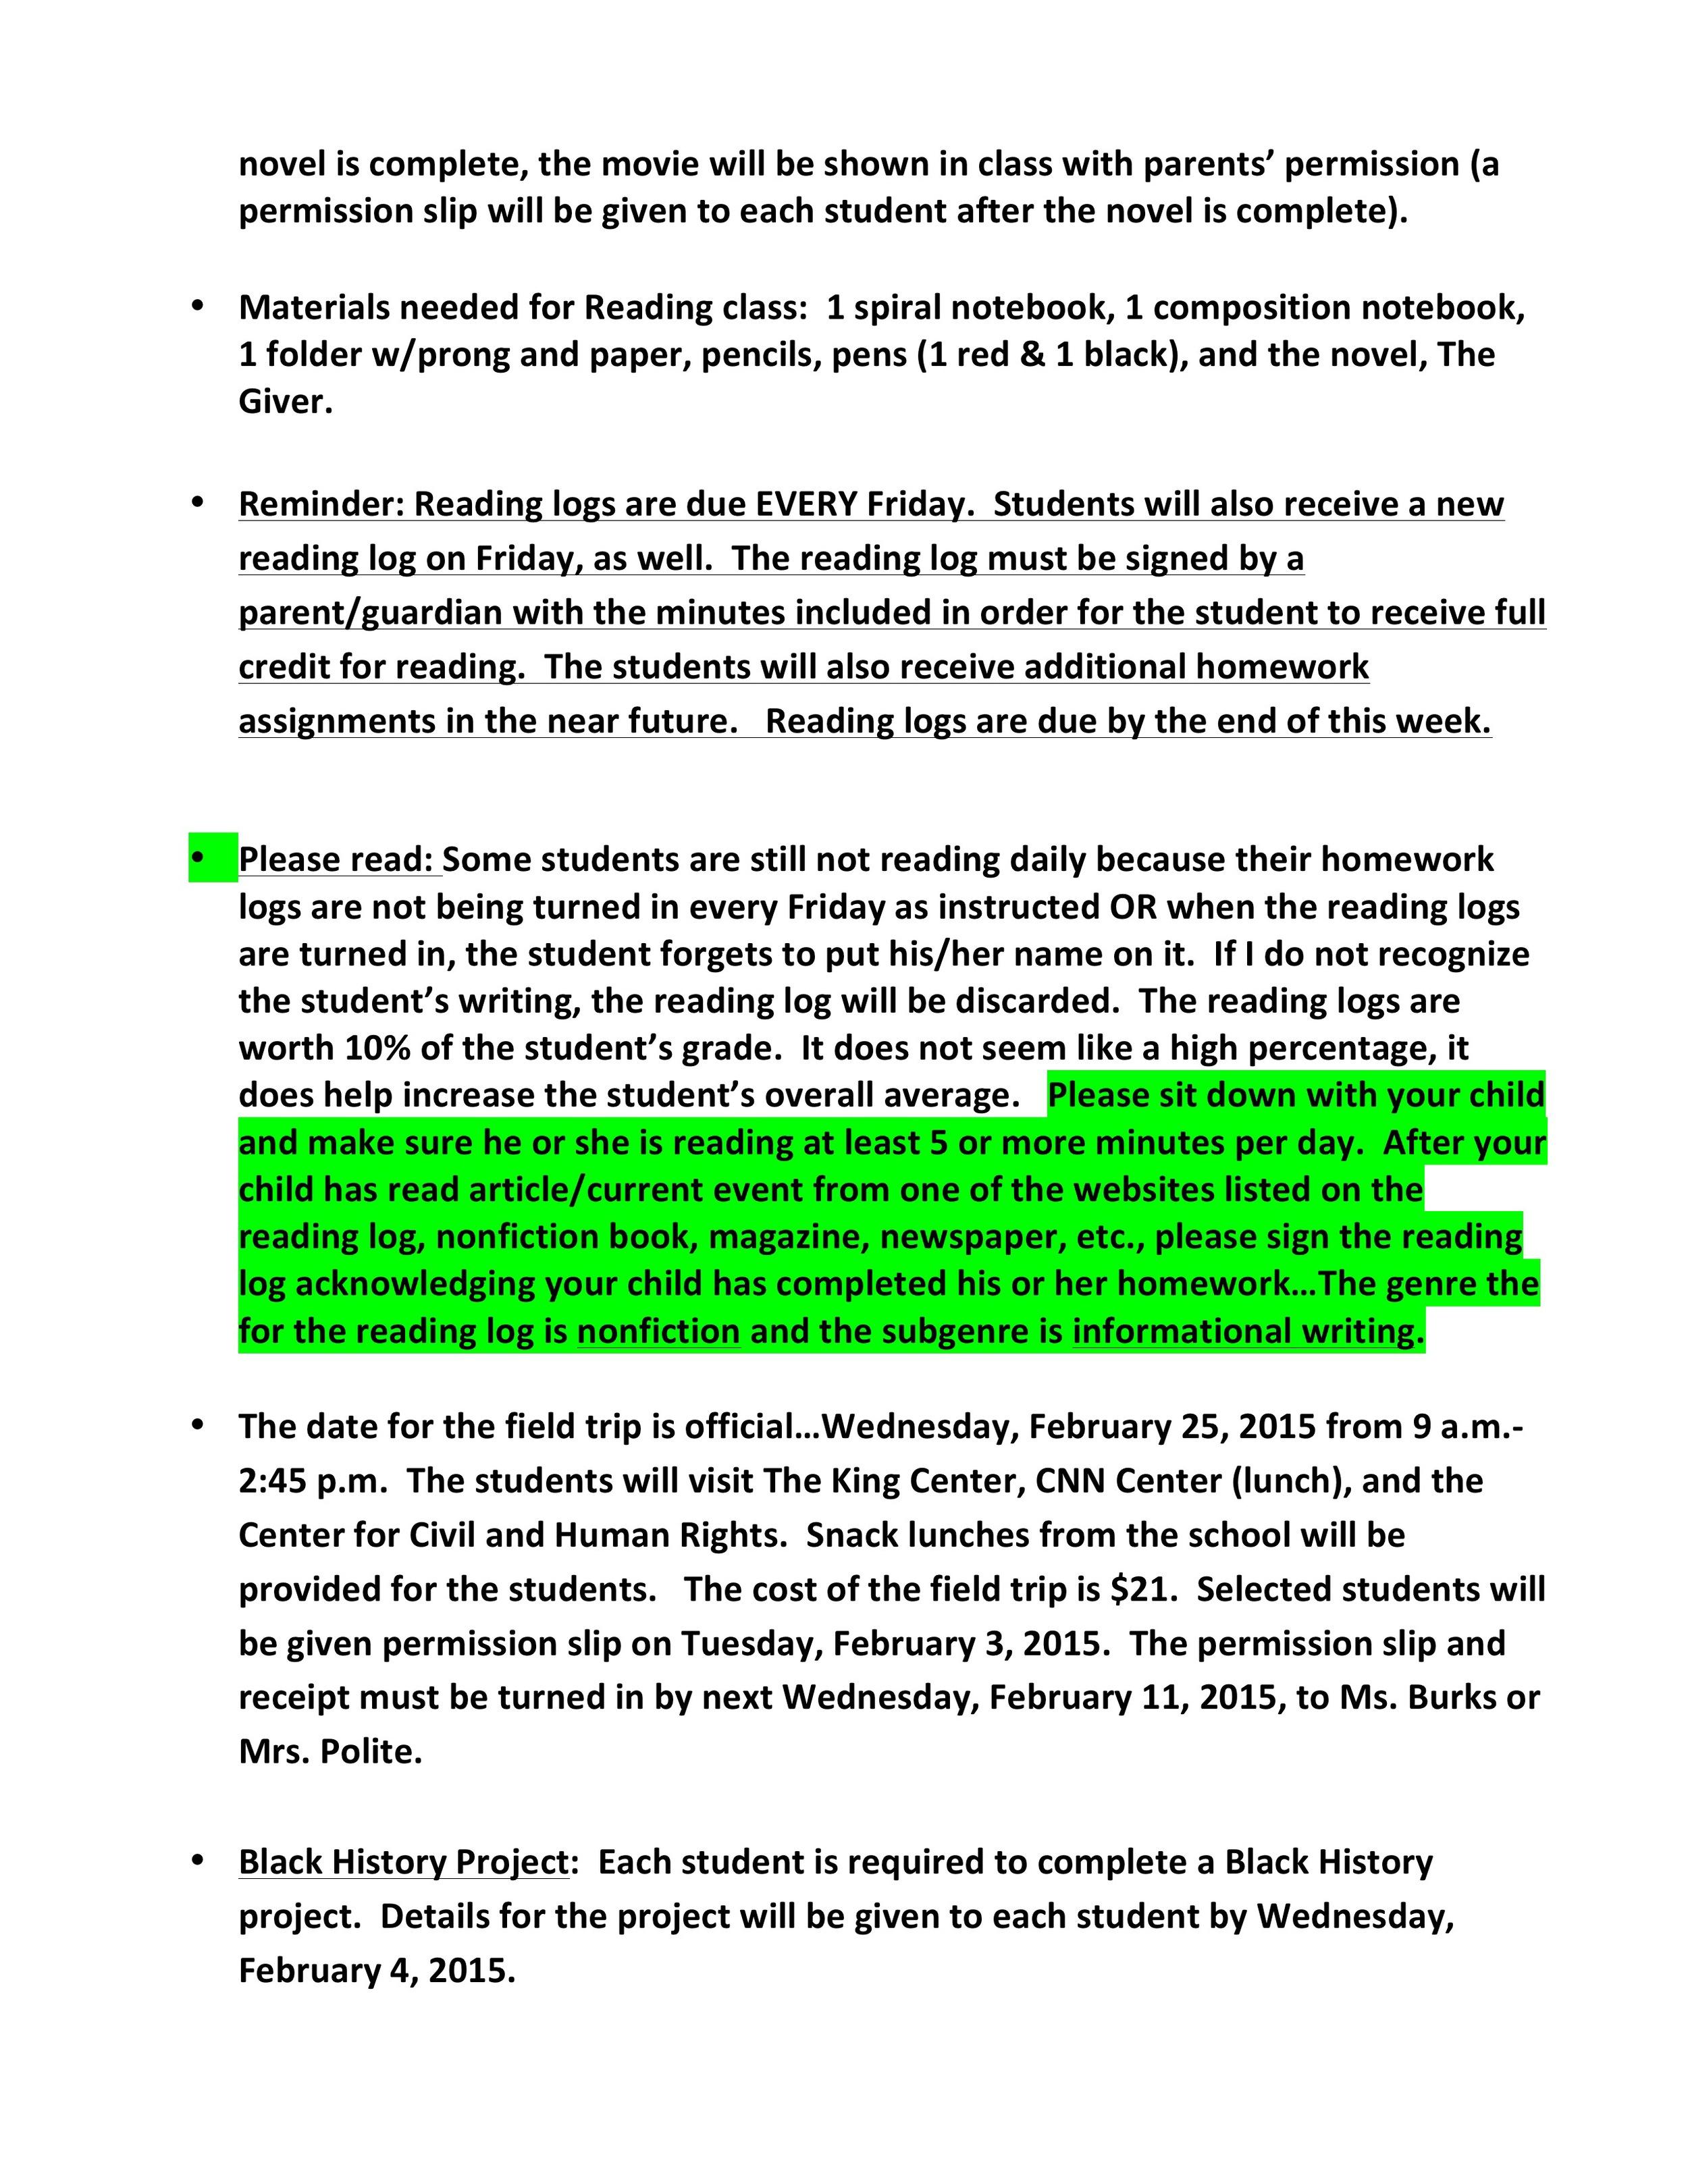 Newsletter Image7th grade February 2 2015 3.jpeg